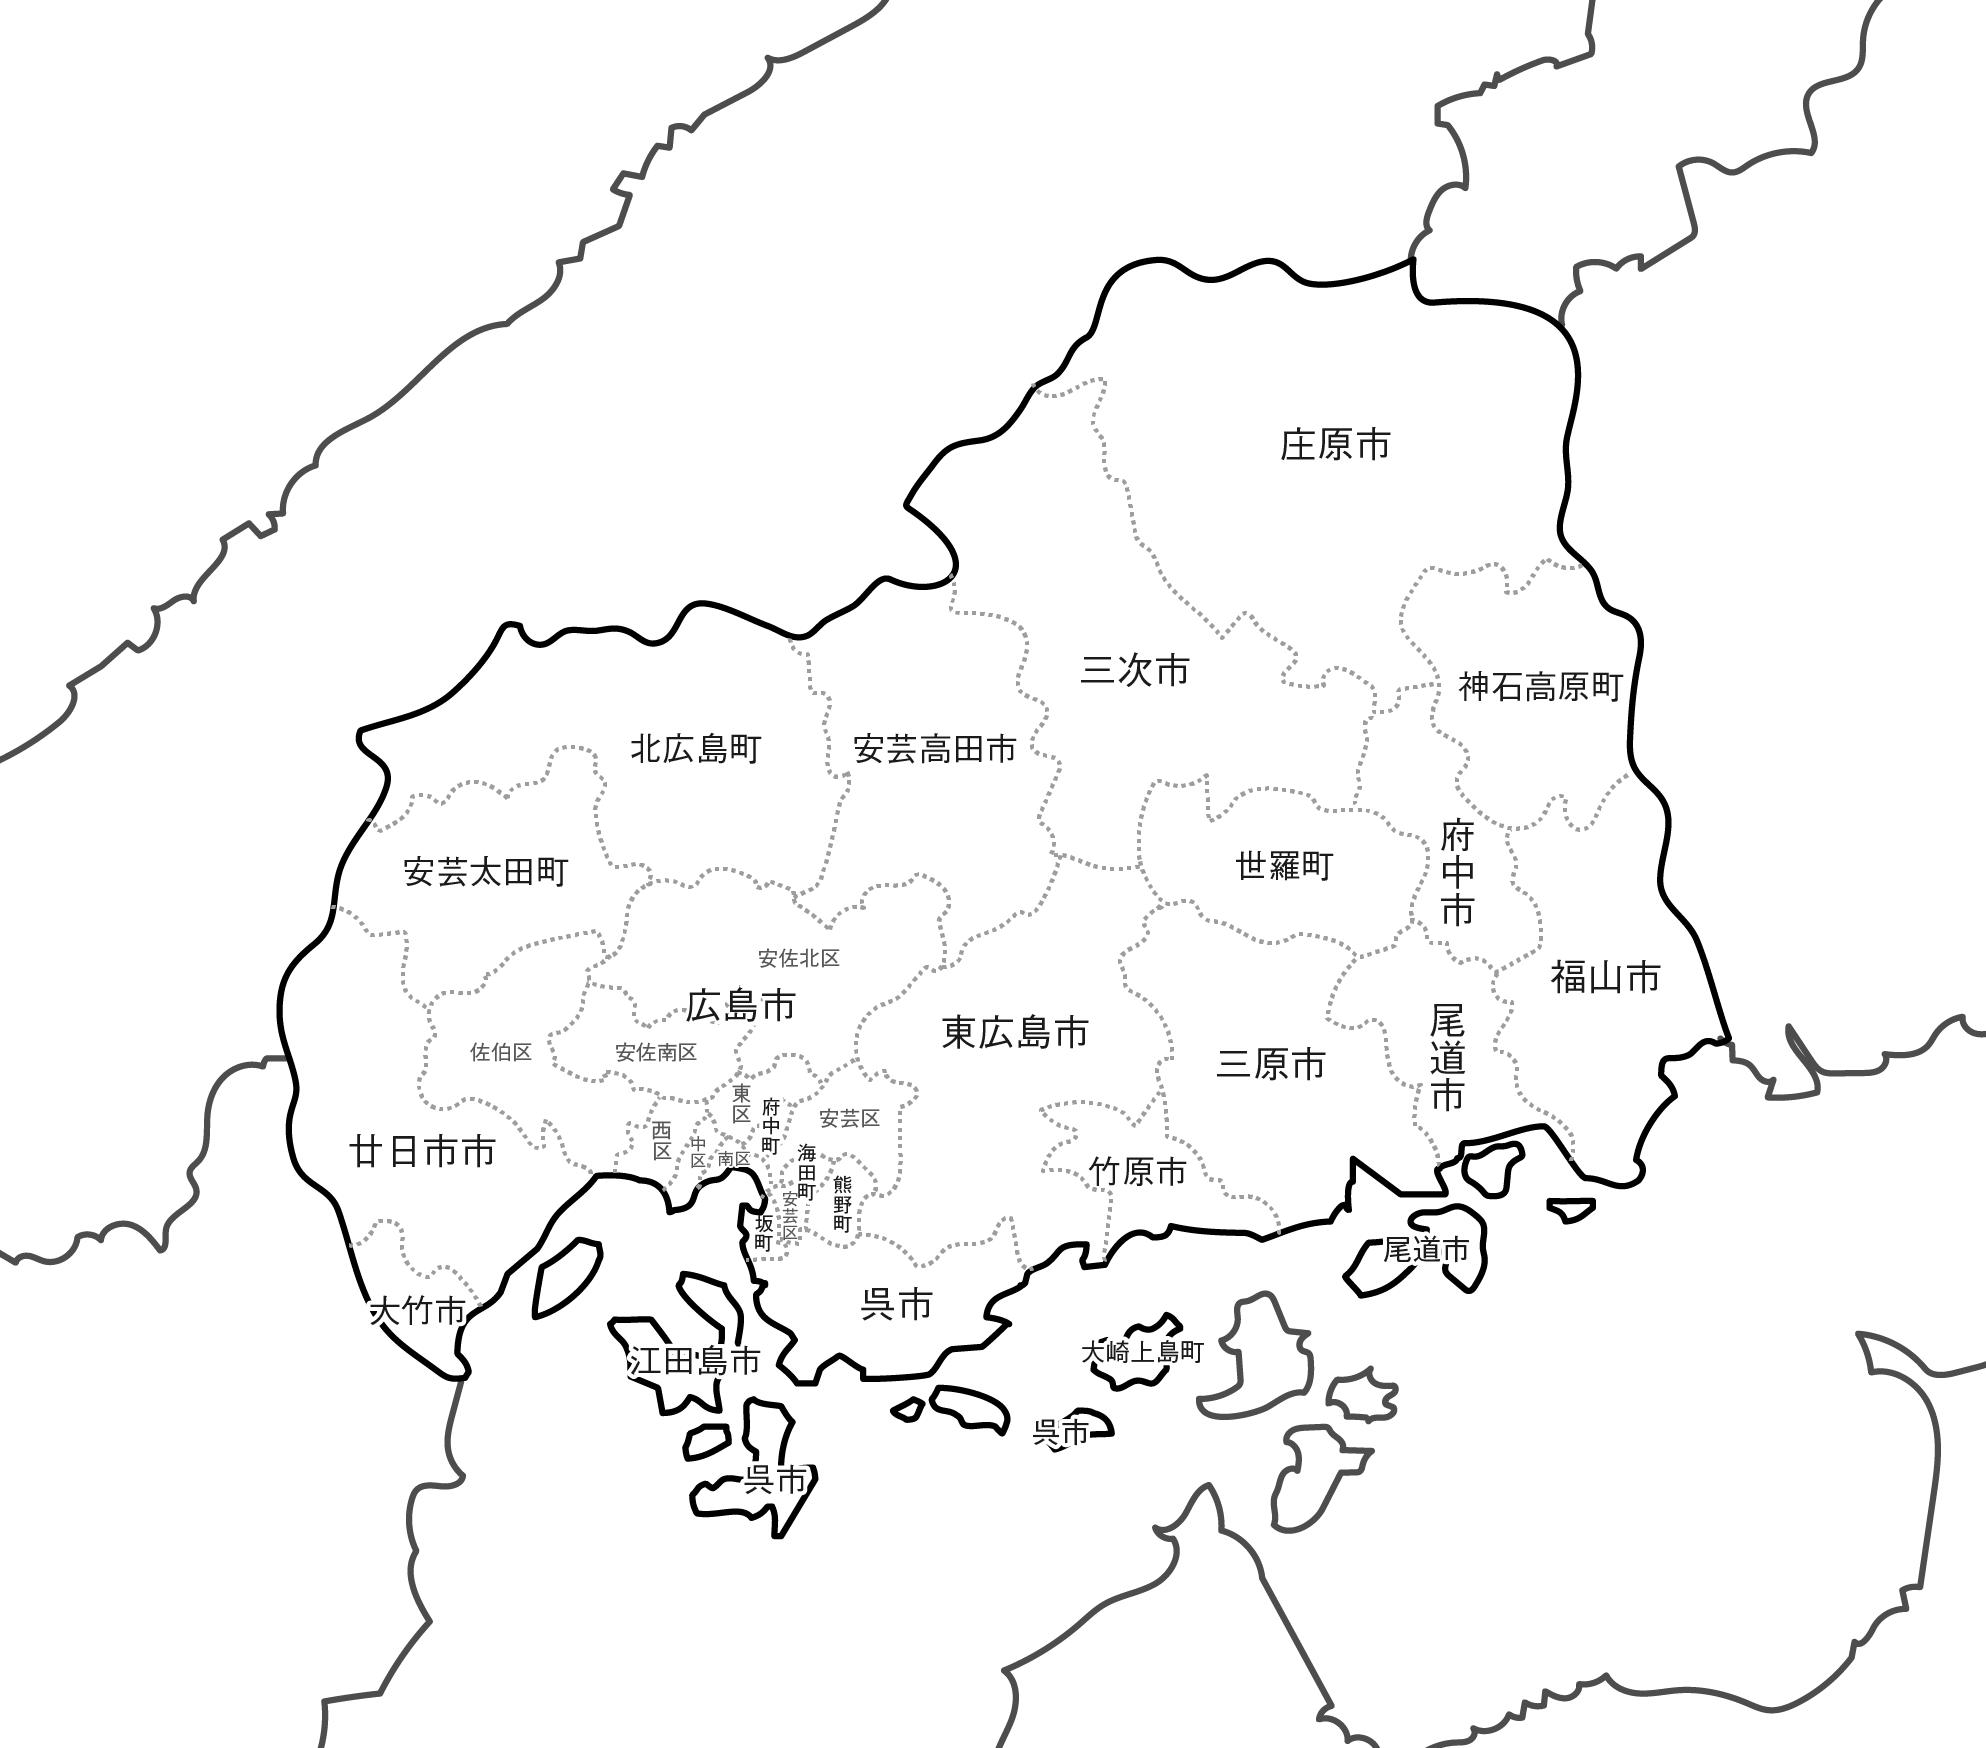 [白地図]広島県・ラインあり・市区町村名あり・隣県あり